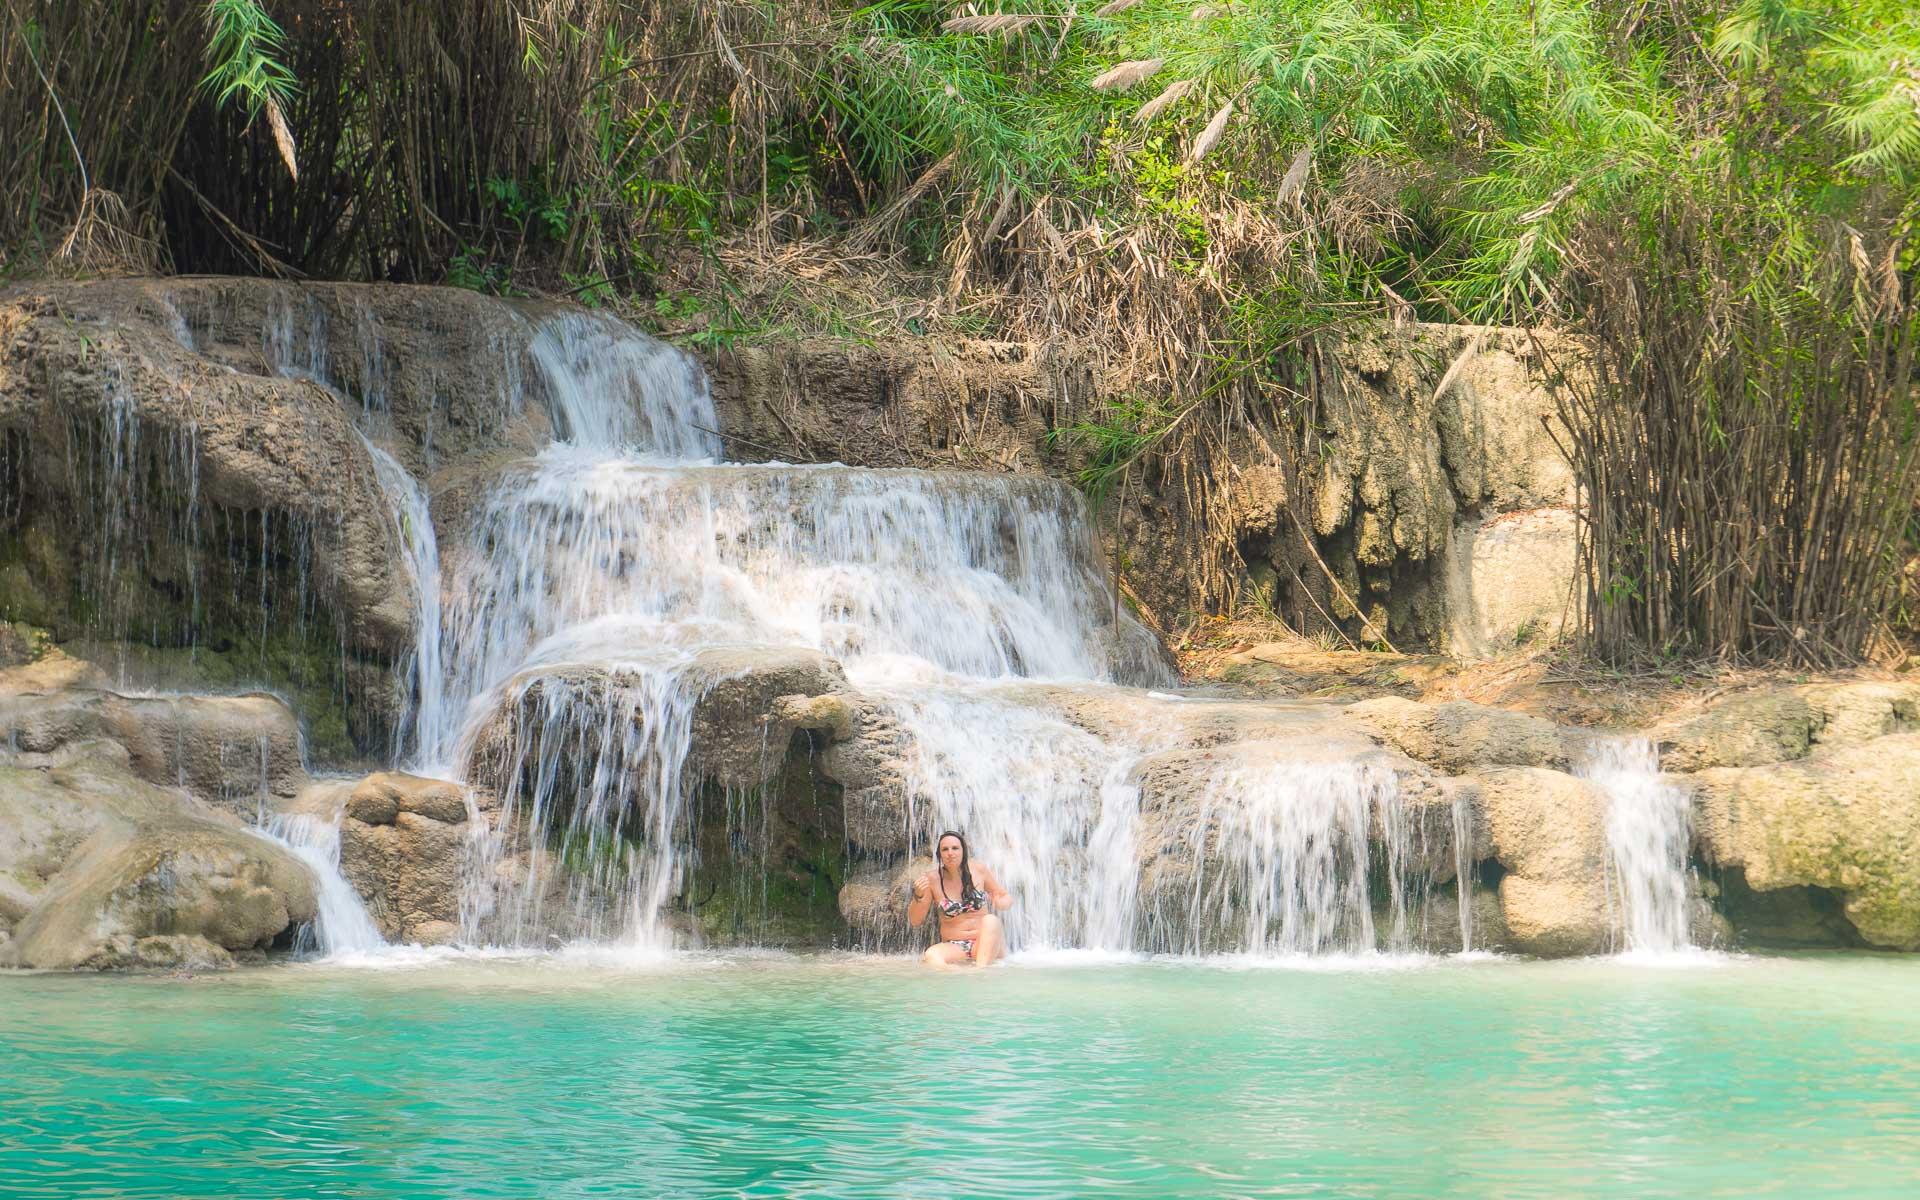 Lesvoyageuses-voyage-laos-luang-prabang-Kuang-si-cascades-3